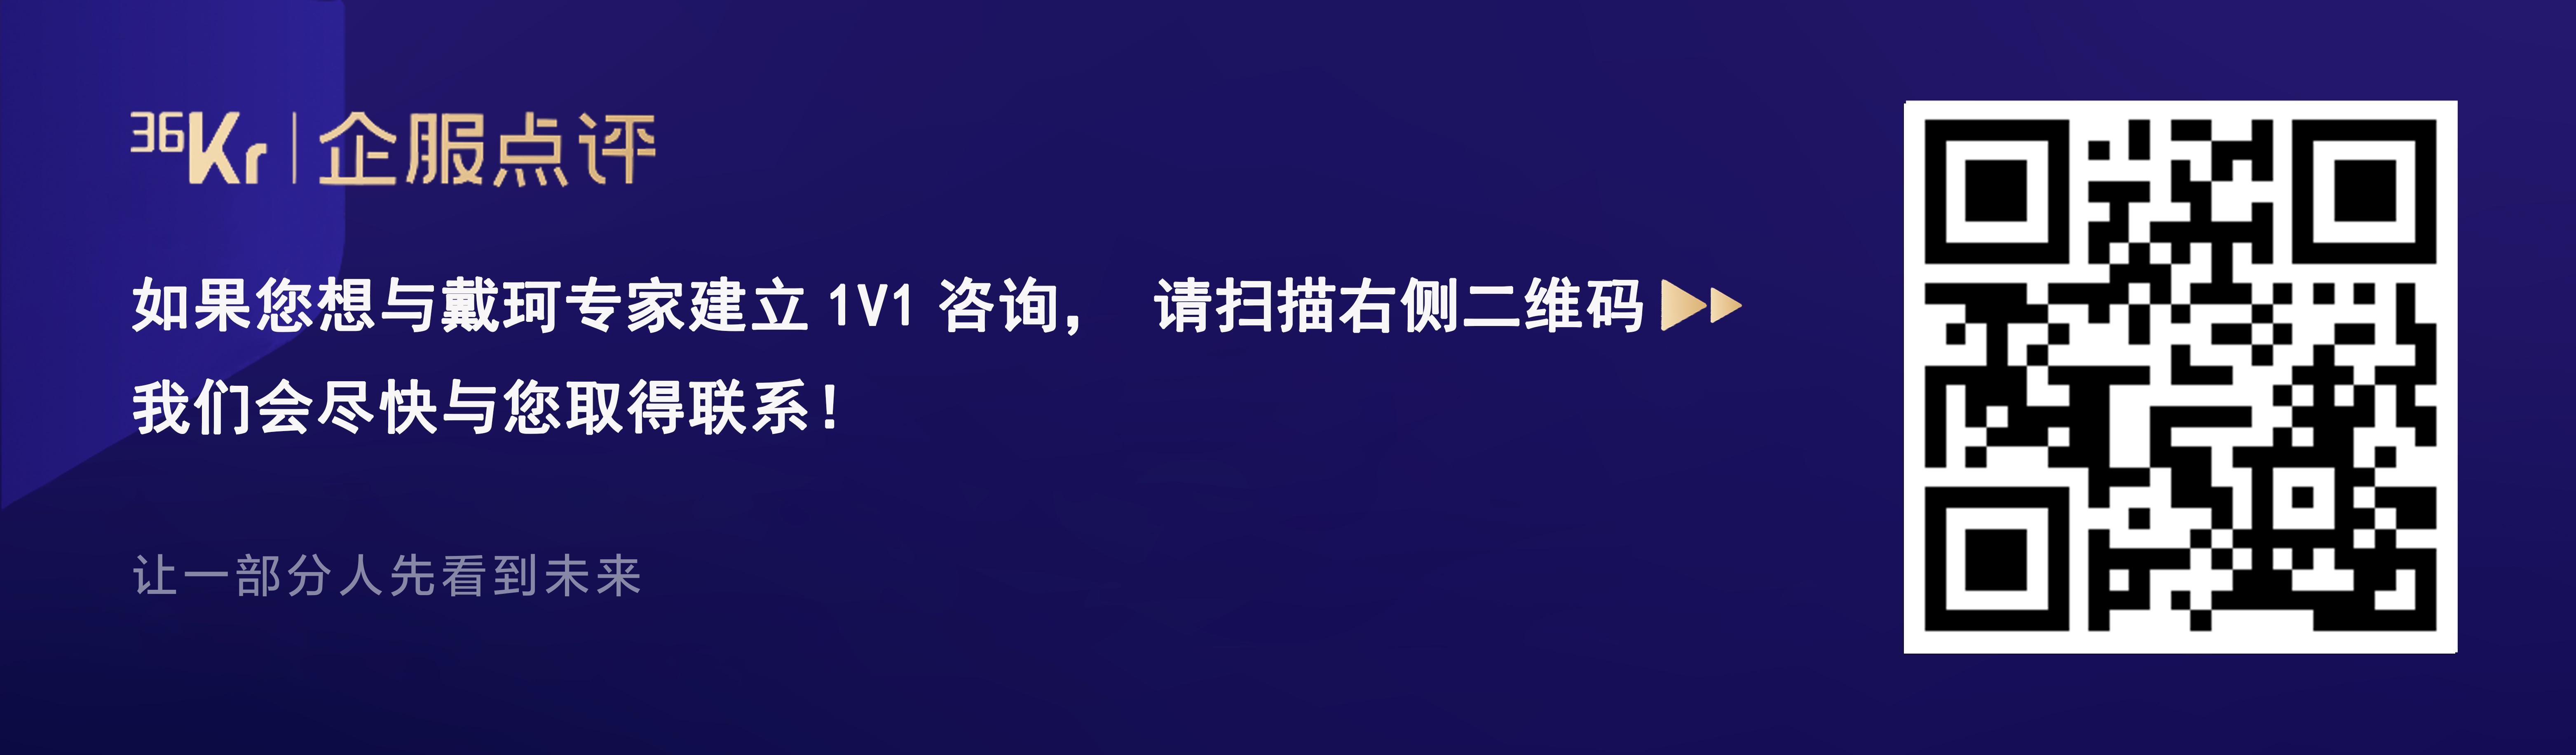 续费,决定中国SaaS的未来 | 专家视角